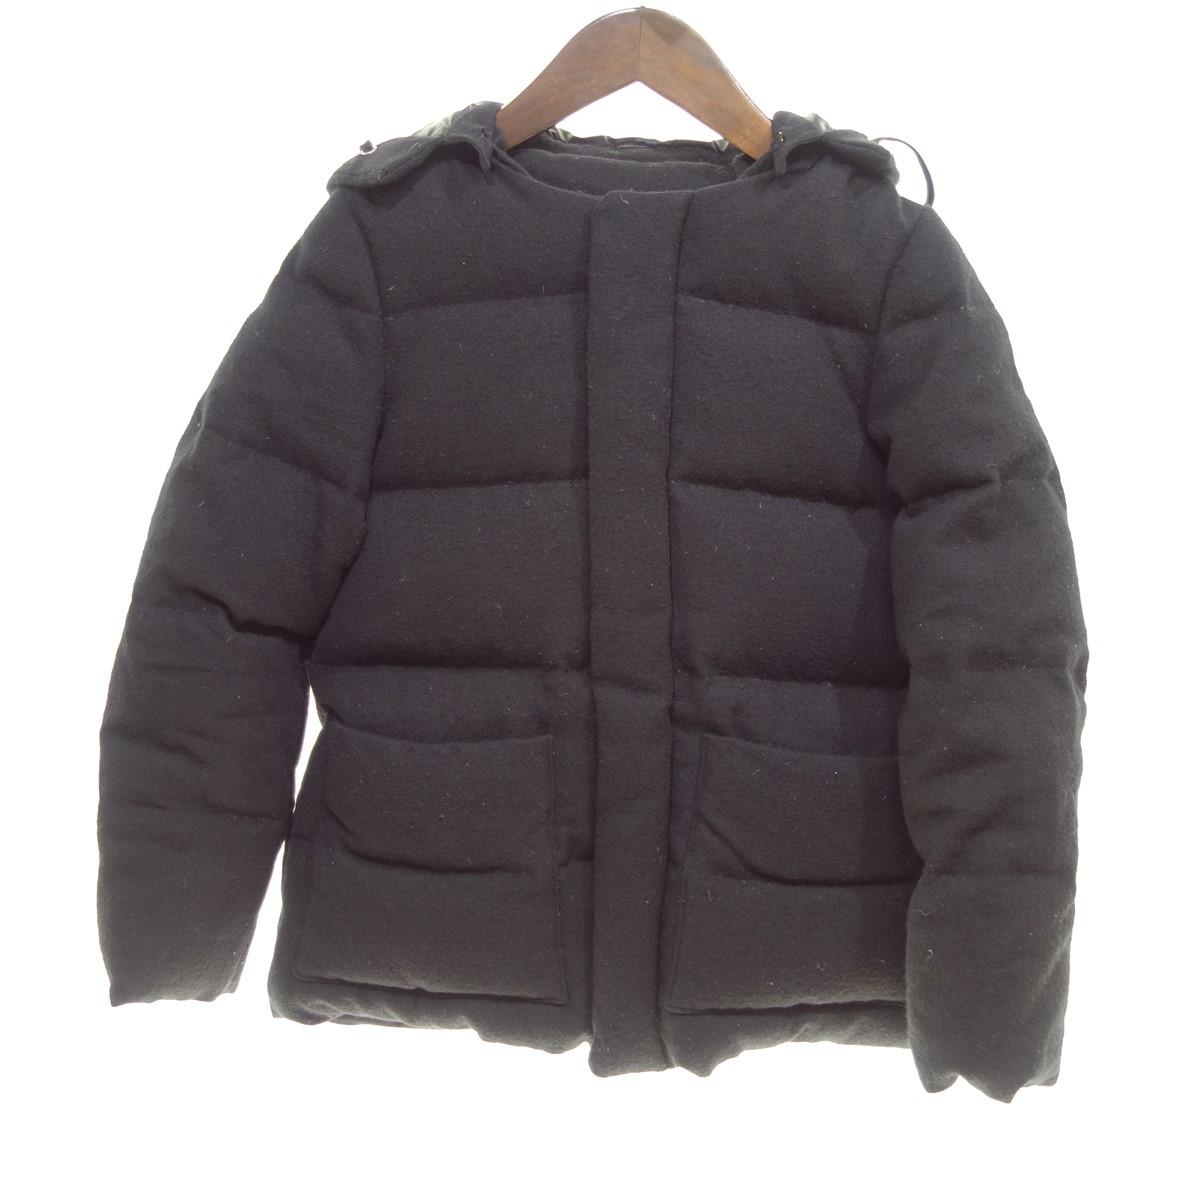 【中古】tricot COMME des GARCONS 【2013A/W】フード付ダウンジャケット ブラック サイズ:S 【210120】(トリココムデギャルソン)